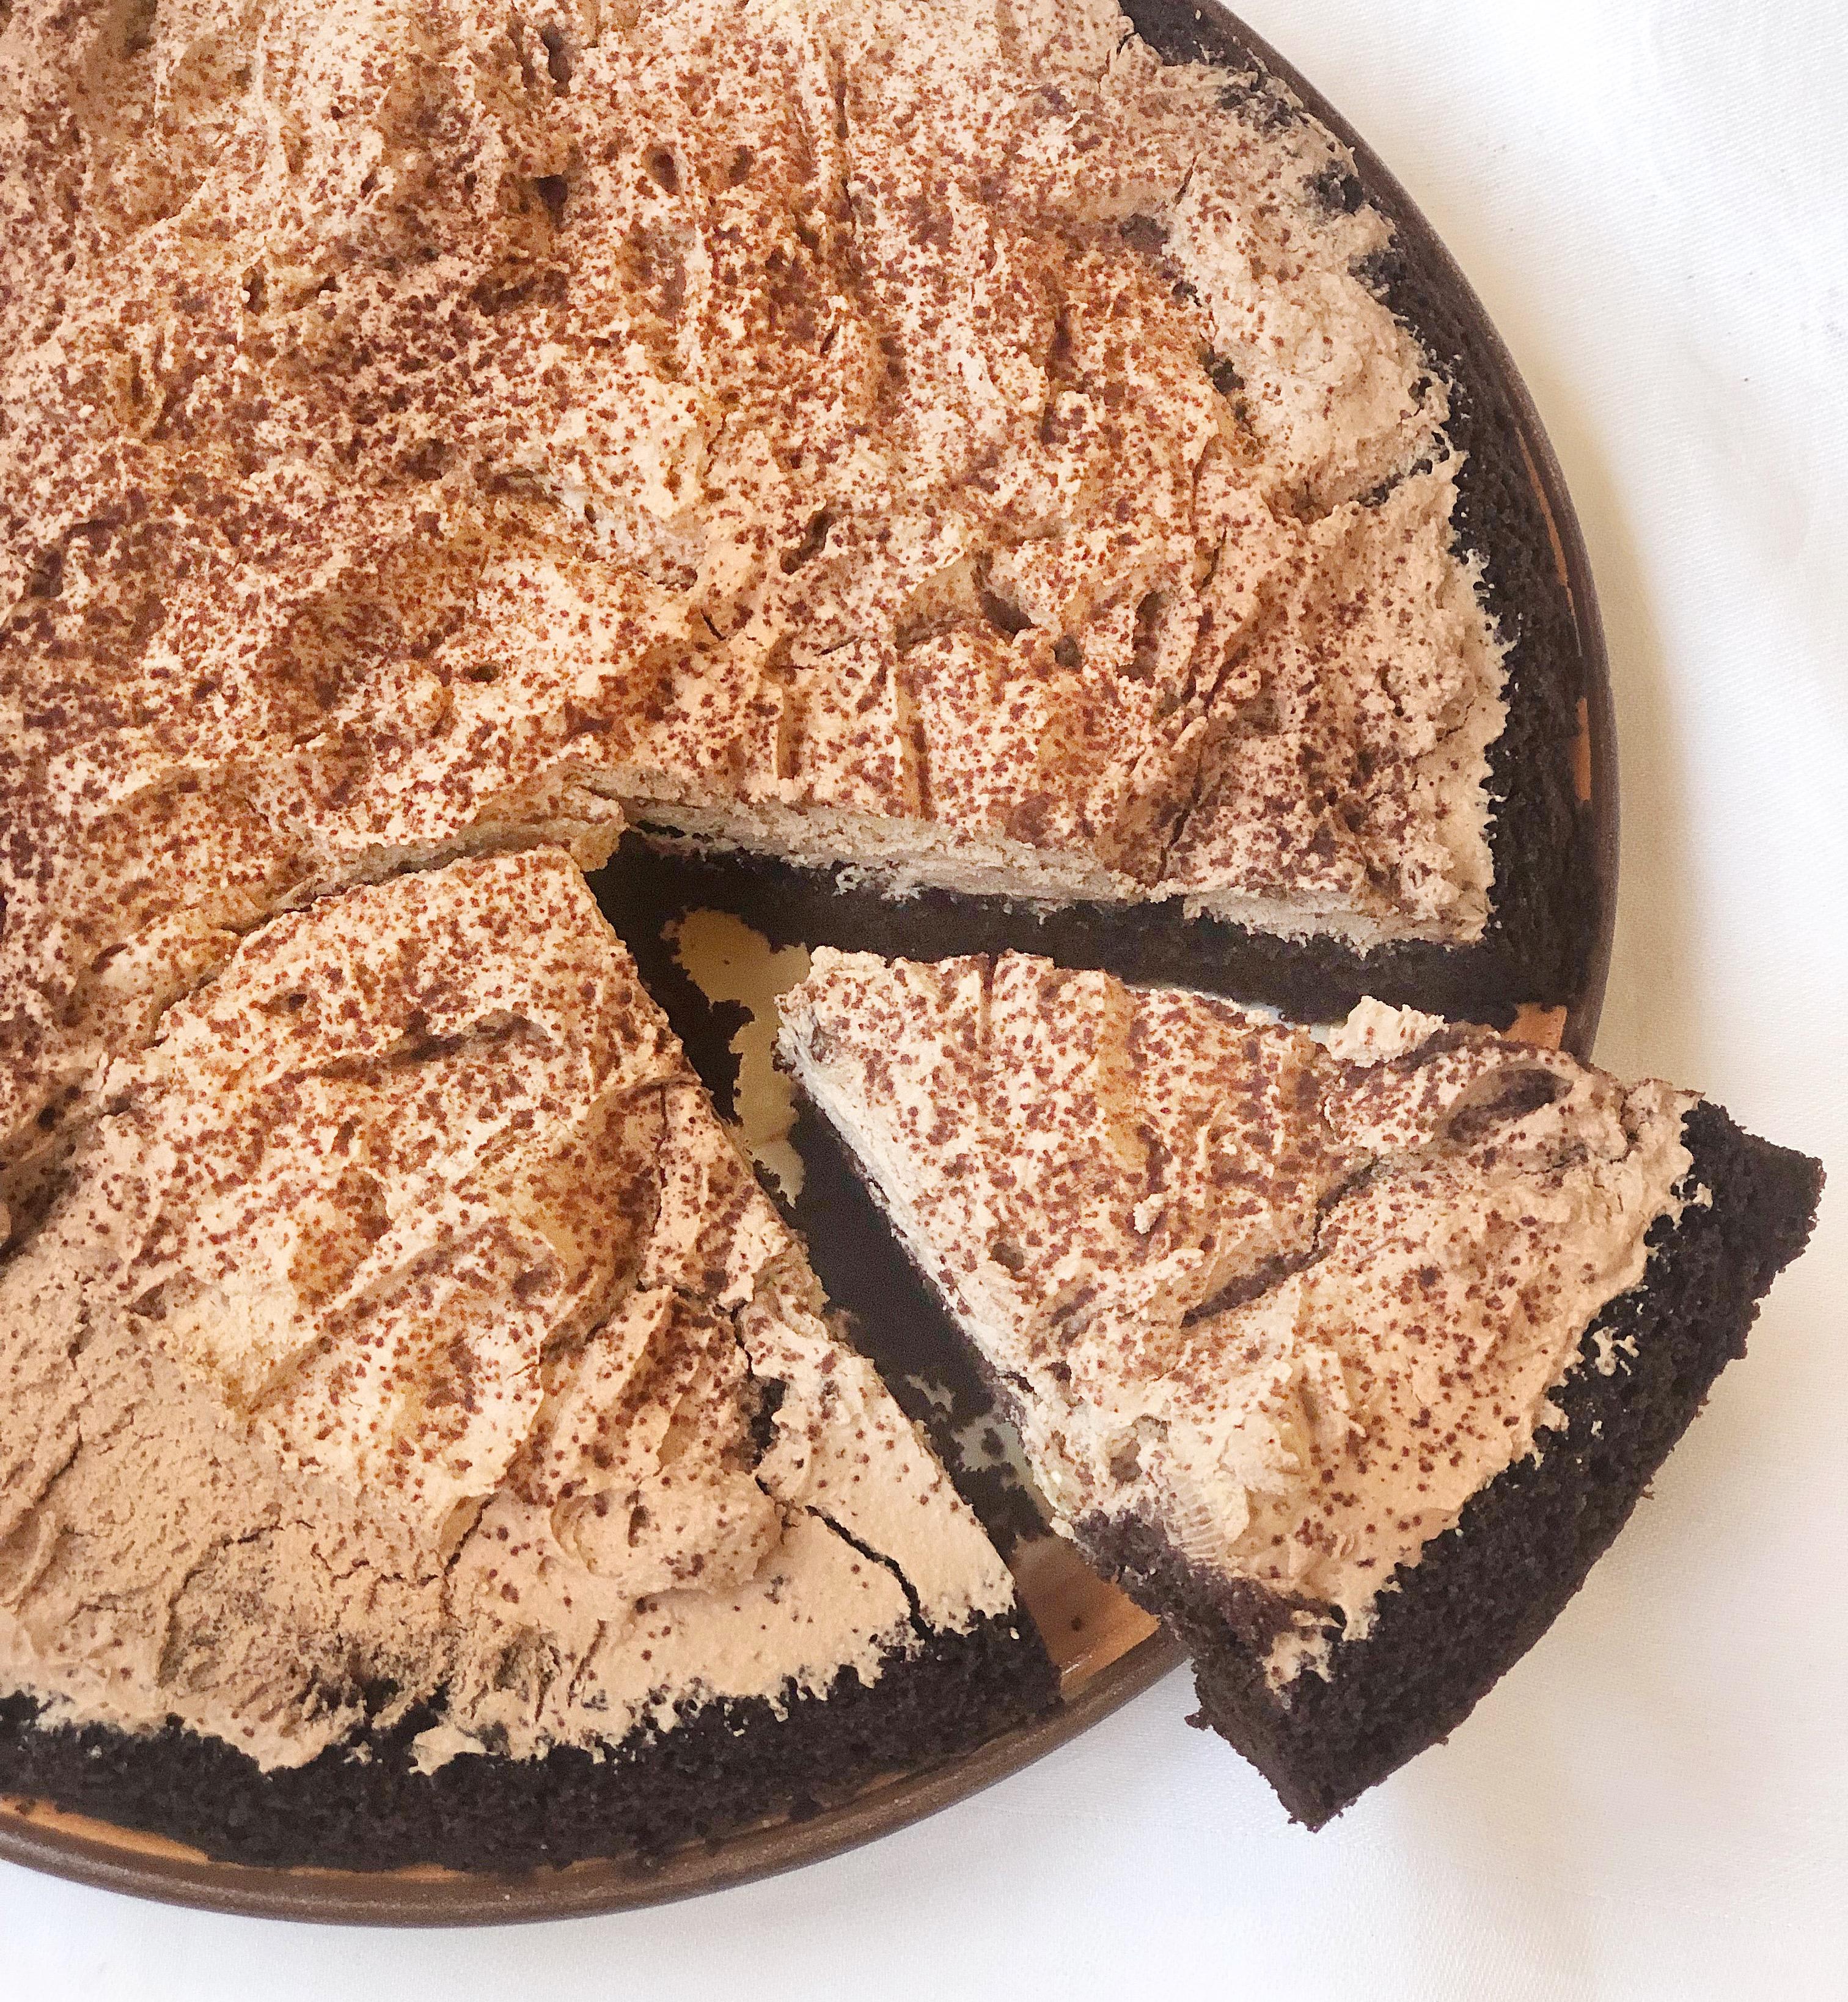 La Torta Fredda al Cioccolato Senza Burro,, un dolce fresco e goloso di dolci senza burro